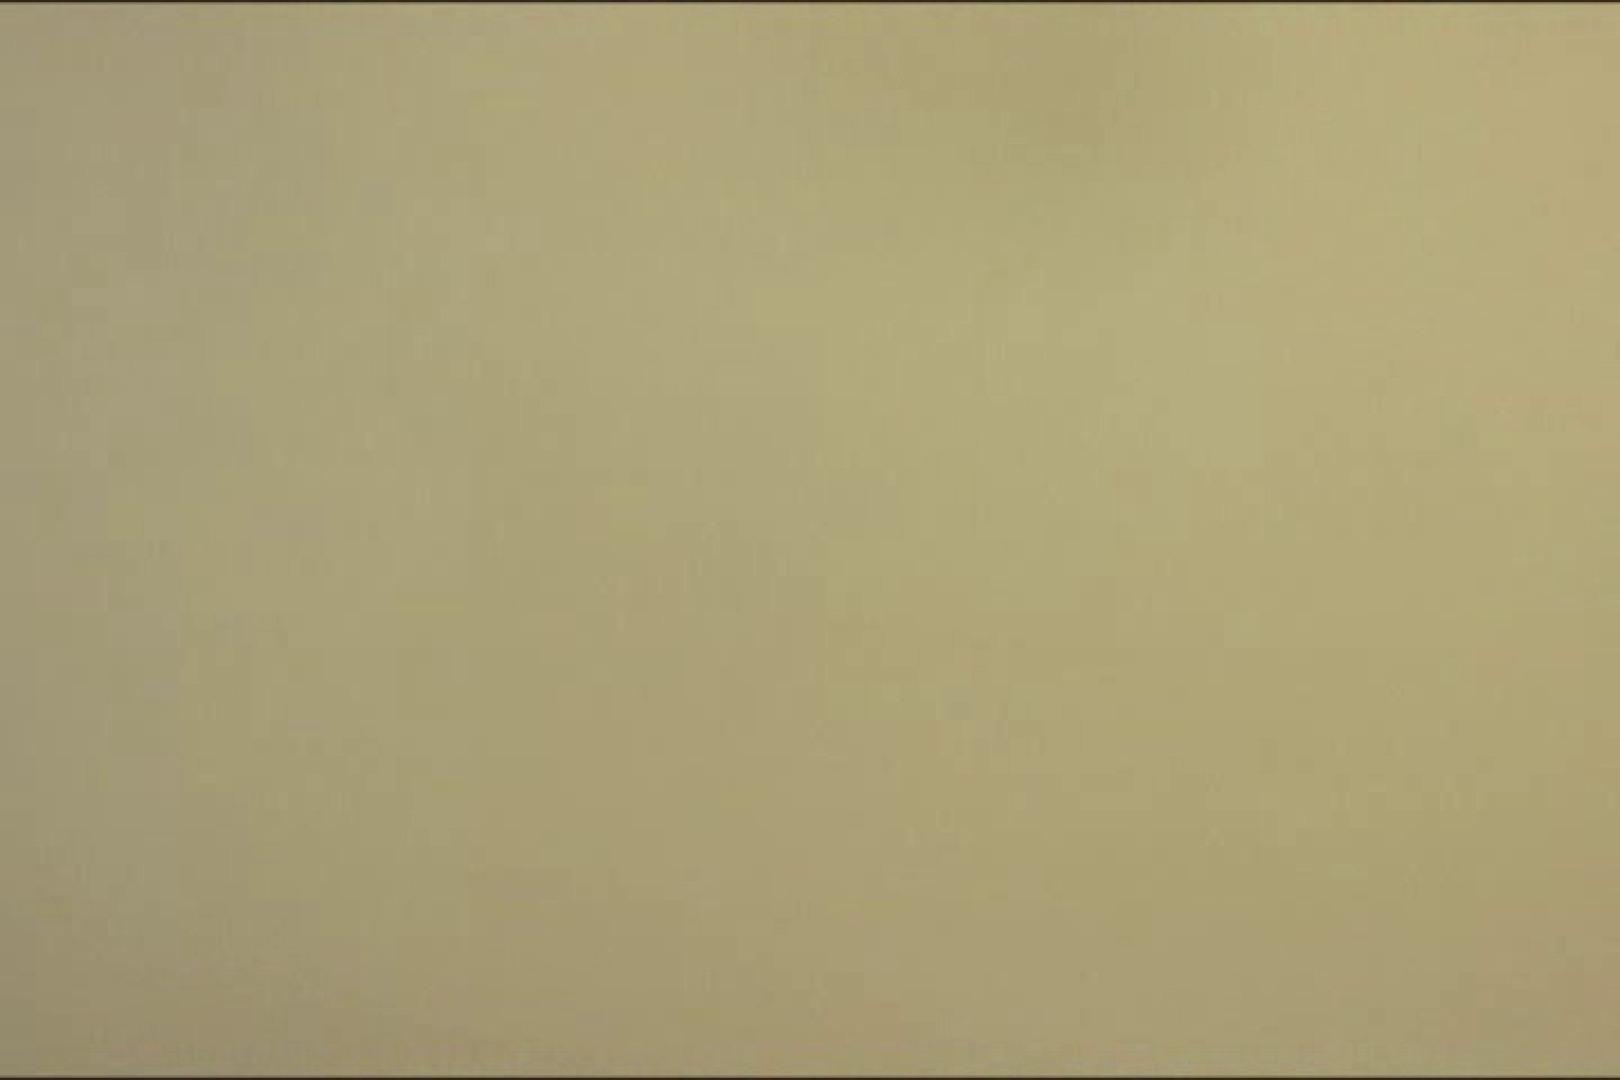 マンコ丸見え女子洗面所Vol.2 マンコ無修正 | 洗面所  106画像 29